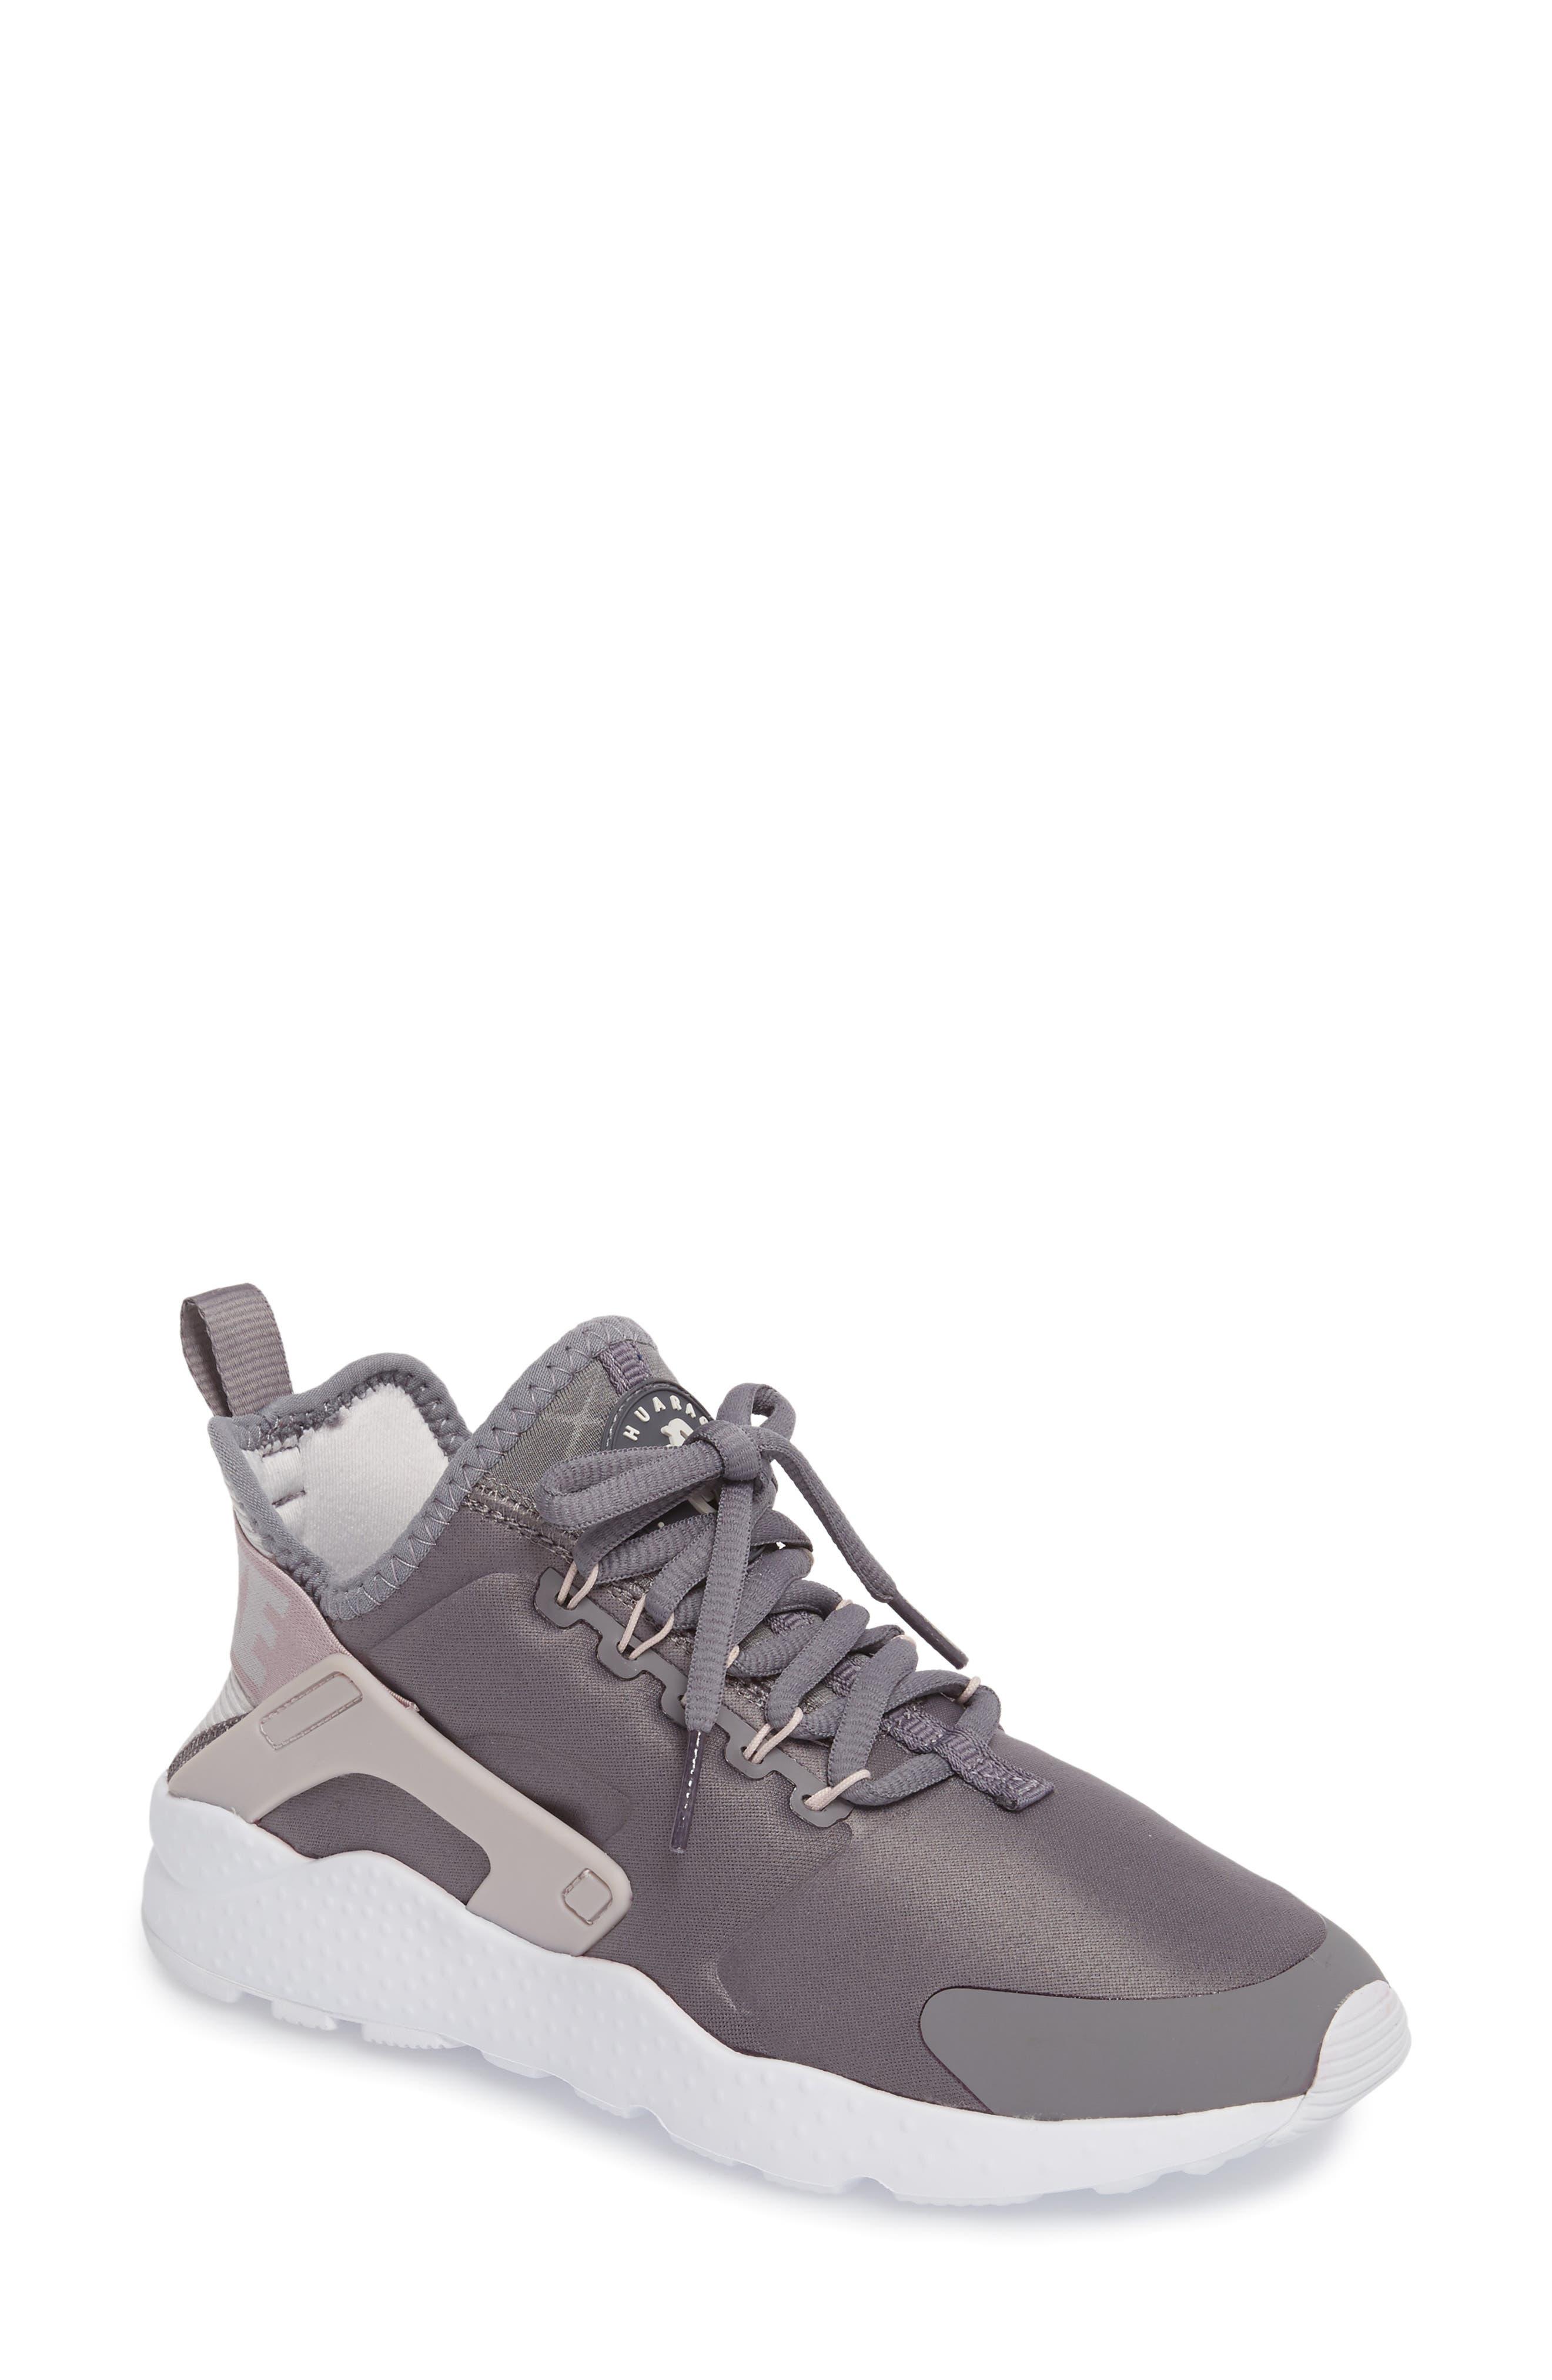 Air Huarache Sneaker,                         Main,                         color, 026